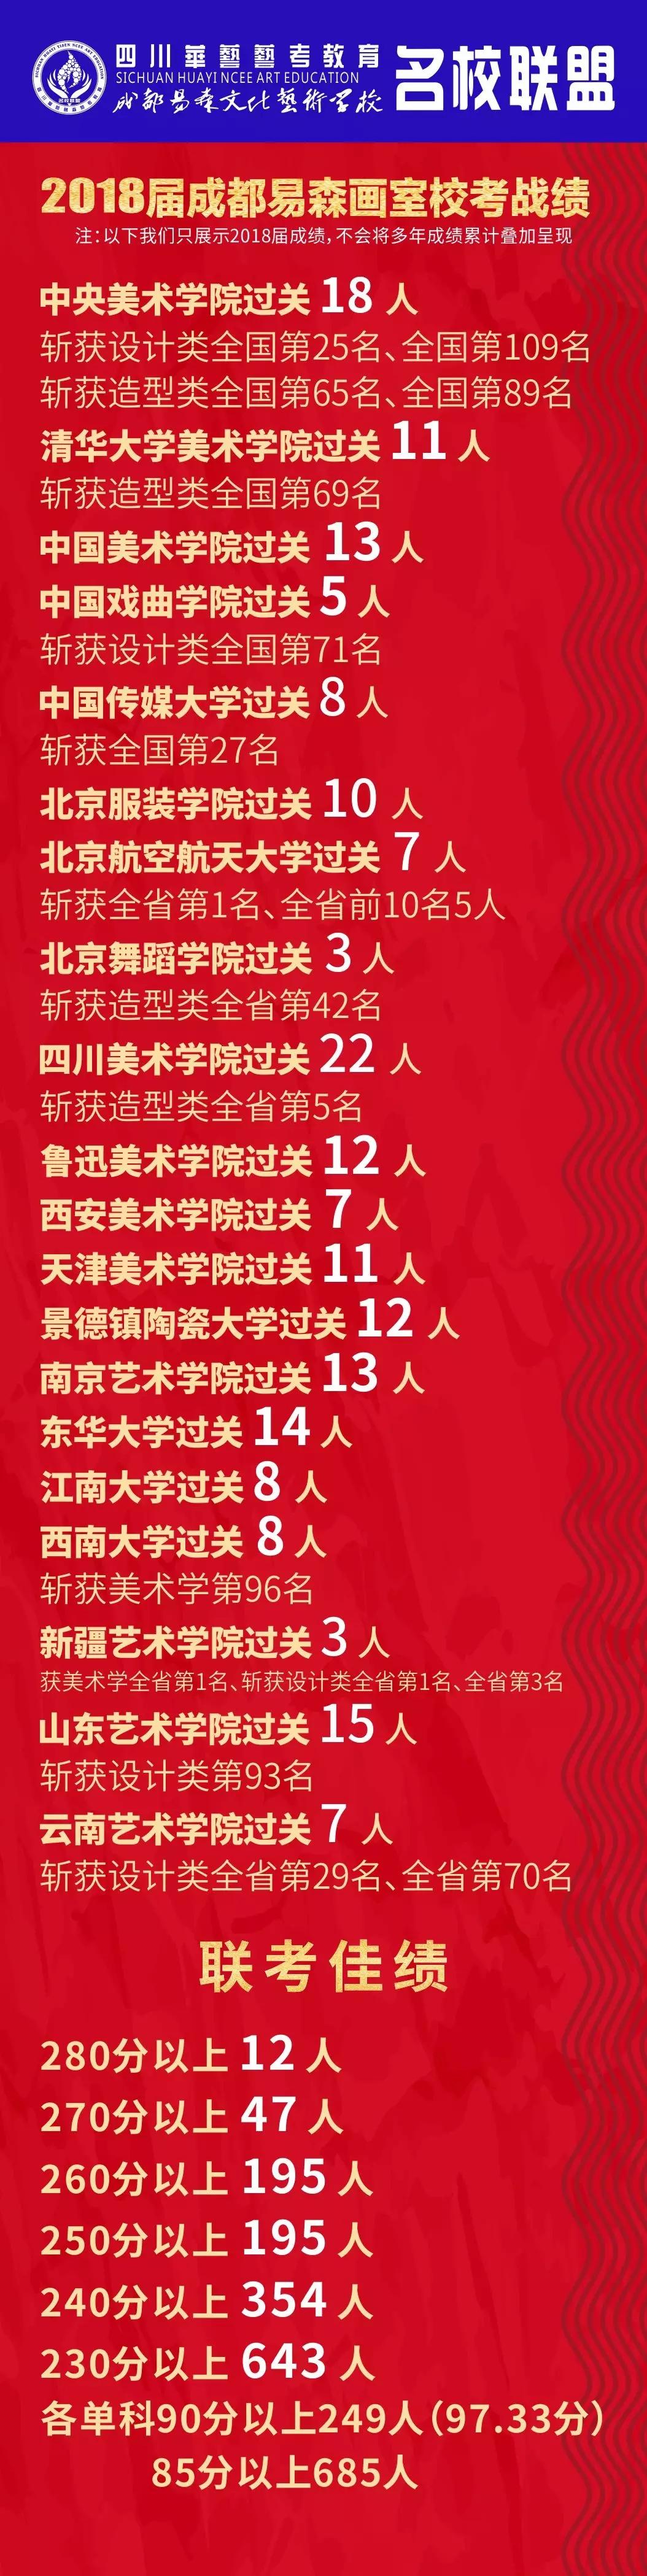 成都易森画室,成都美术寒假班画室,美术招生简章      14